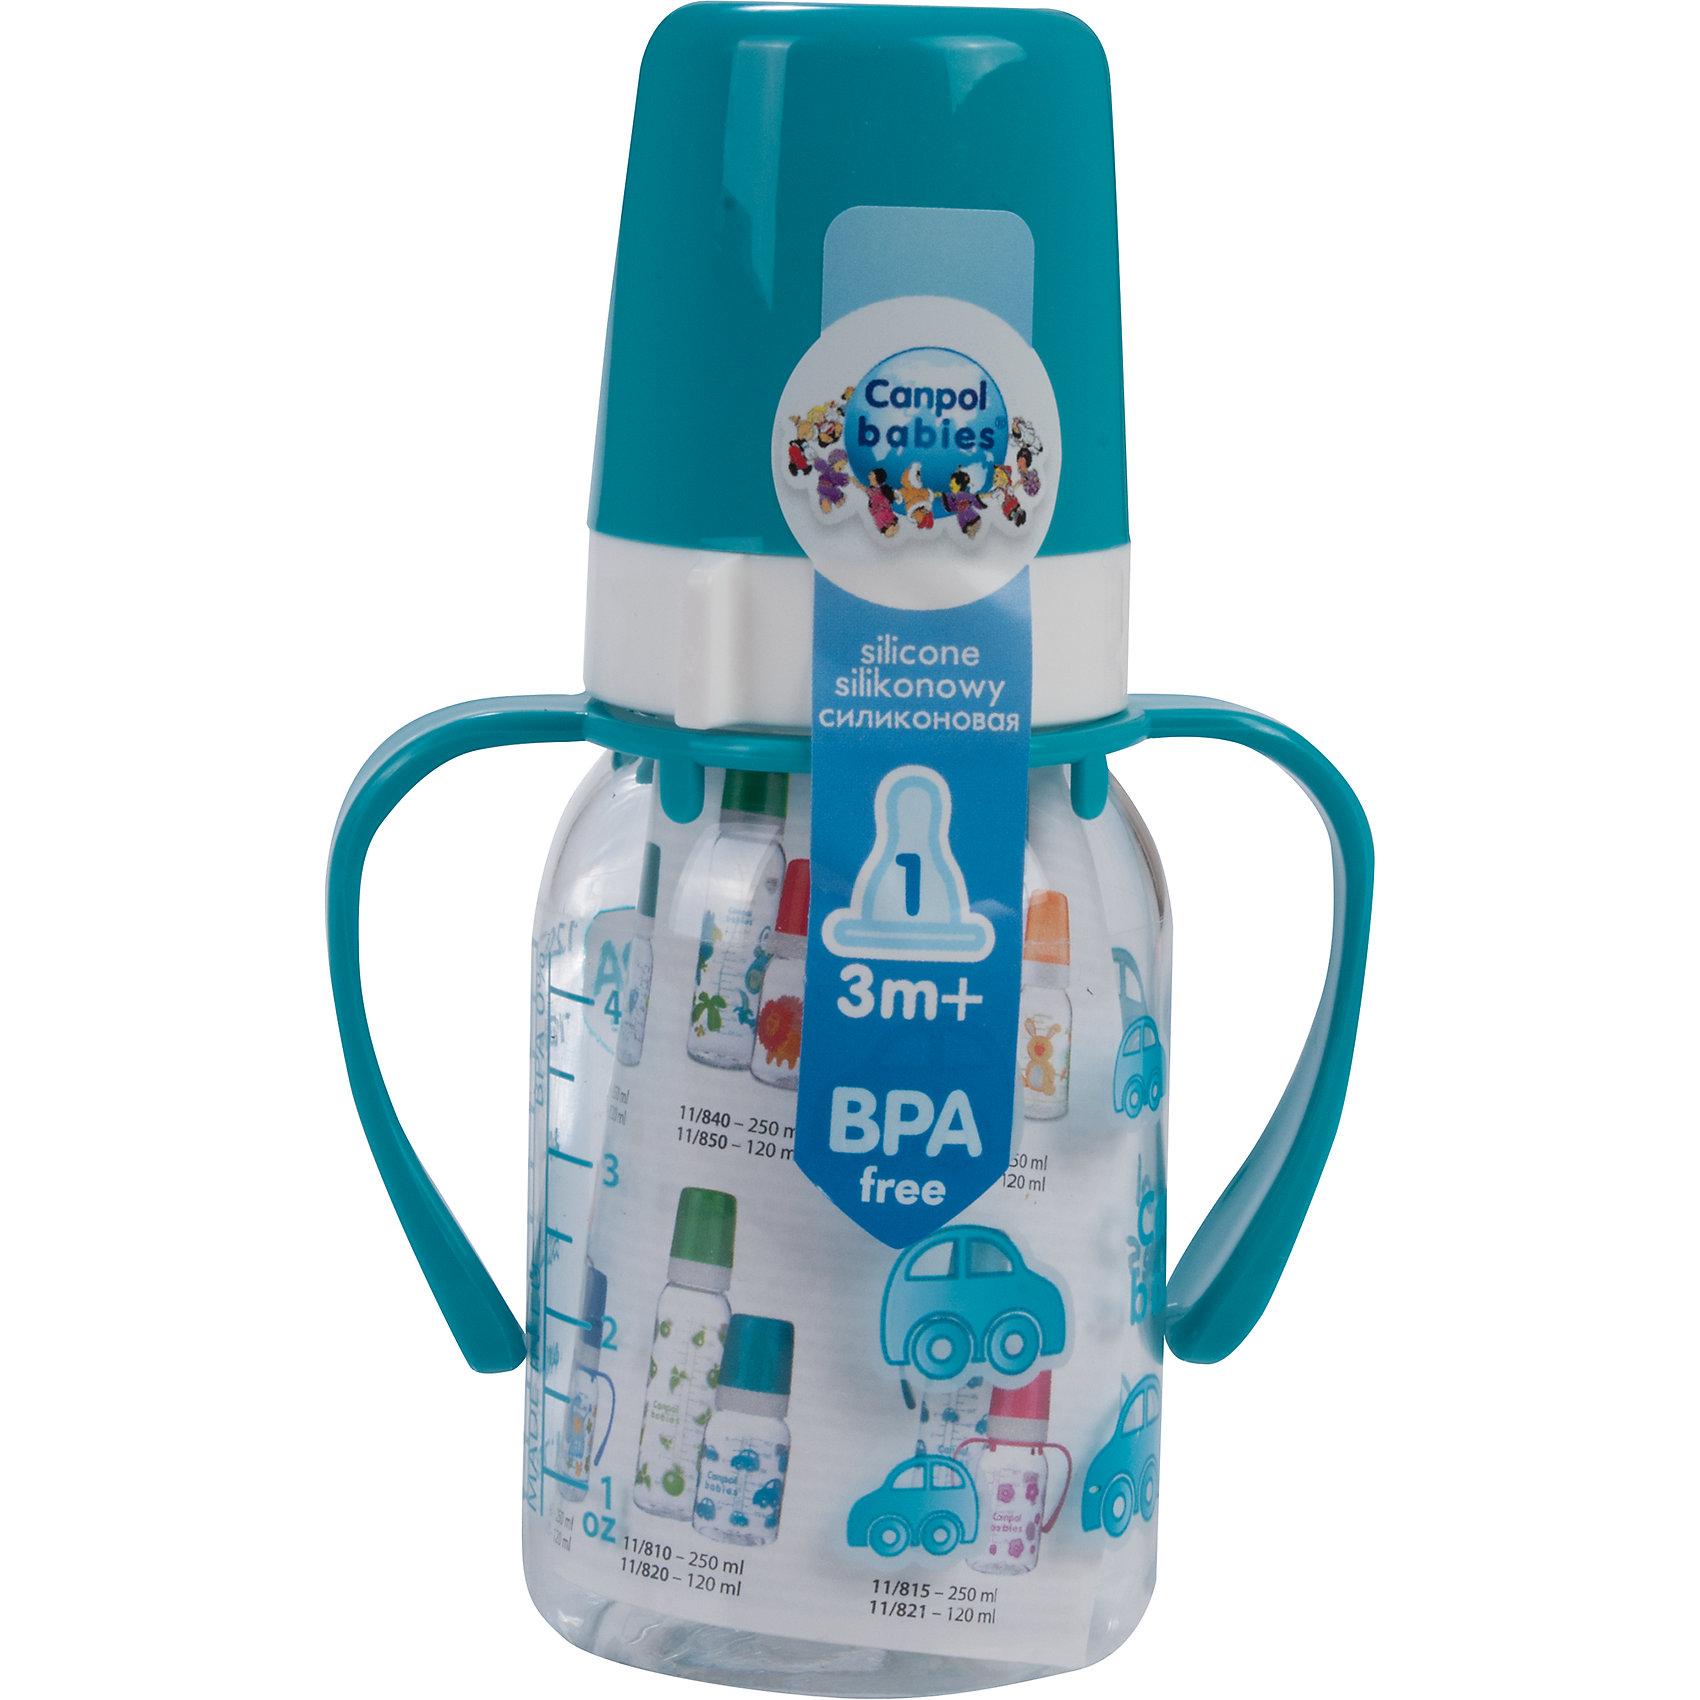 Бутылочка тритановая 120 мл. 3+, Canpol Babies, бирюзовыйБутылочка тритановая (BPA 0%) с ручками с сил. соской, 120 мл. 3+, Canpol Babies, (Канпол Бейбис), бирюзовый.<br><br>Характеристики: <br><br>• Объем бутылочки: 120мл.<br>• Материал бутылочки: тритан - пластик нового поколения.<br>• Материал соски: силикон.<br>• Цвет : бирюзовый. <br>• Удобные ручки.<br>Бутылочка тритановая (BPA 0%) с ручками с сил. соской, 120 мл. 3+, Canpol Babies, (Канпол Бейбис) имеет классическую форму и снабжена ручками. Удобна в использовании дома и в дороге. Бутылочка выполнена из безопасного качественного материала - тритана, который хорошо держит тепло, снабжена силиконовой соской (медленный поток) и защитным колпачком, имеет удобную мерную шкалу.  Такую бутылочку и все части можно кипятить в воде или стерилизовать с помощью специального прибора. Не впитывает запахи. По мере взросления малыш сможет самостоятельно пить из бутылочки, держа  ее за удобные ручки. <br>Бутылочку тритановая (BPA 0%) с ручками с сил. соской, 120 мл. 3+, Canpol Babies, (Канпол Бейбис), бирюзовый можно купить в нашем интернет- магазине.<br><br>Ширина мм: 175<br>Глубина мм: 55<br>Высота мм: 87<br>Вес г: 530<br>Возраст от месяцев: 3<br>Возраст до месяцев: 18<br>Пол: Мужской<br>Возраст: Детский<br>SKU: 5156789